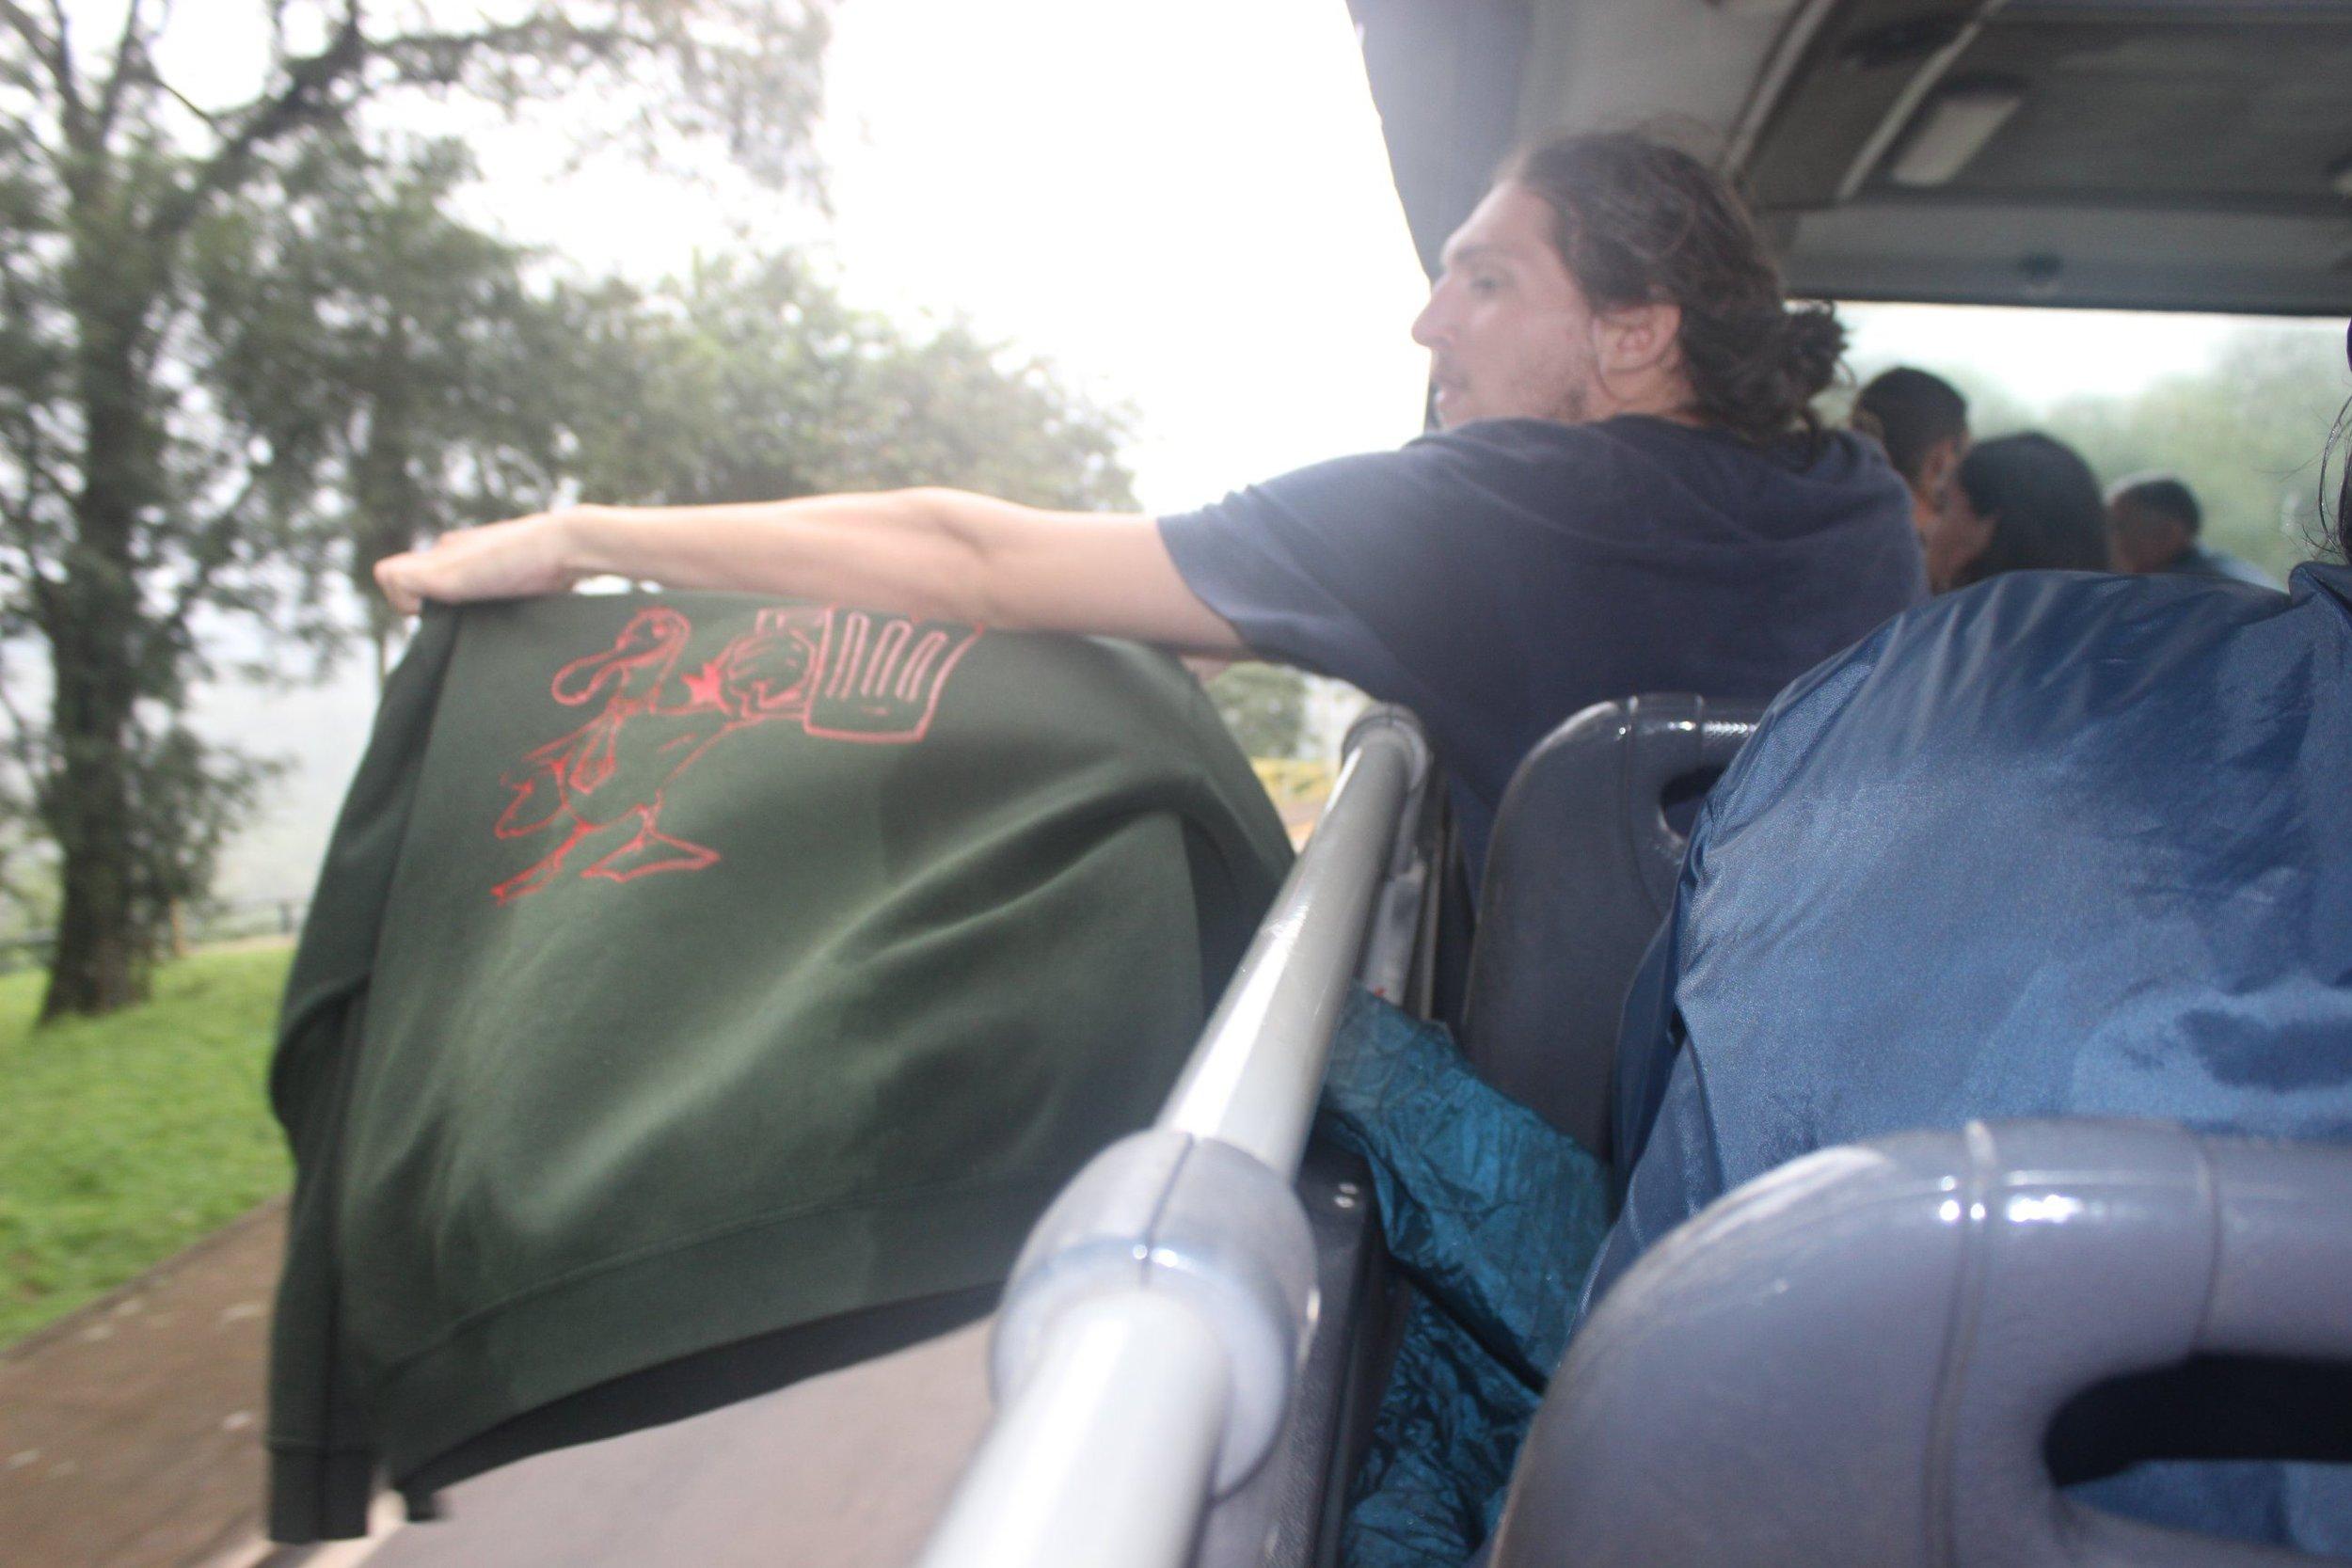 Nicolas testant son premier prototype de séchage textile révolutionnaire, à base de tauromachie avec les bus. (Mais chut, on ne vous en dira pas plus, un brevet serait en cours…)